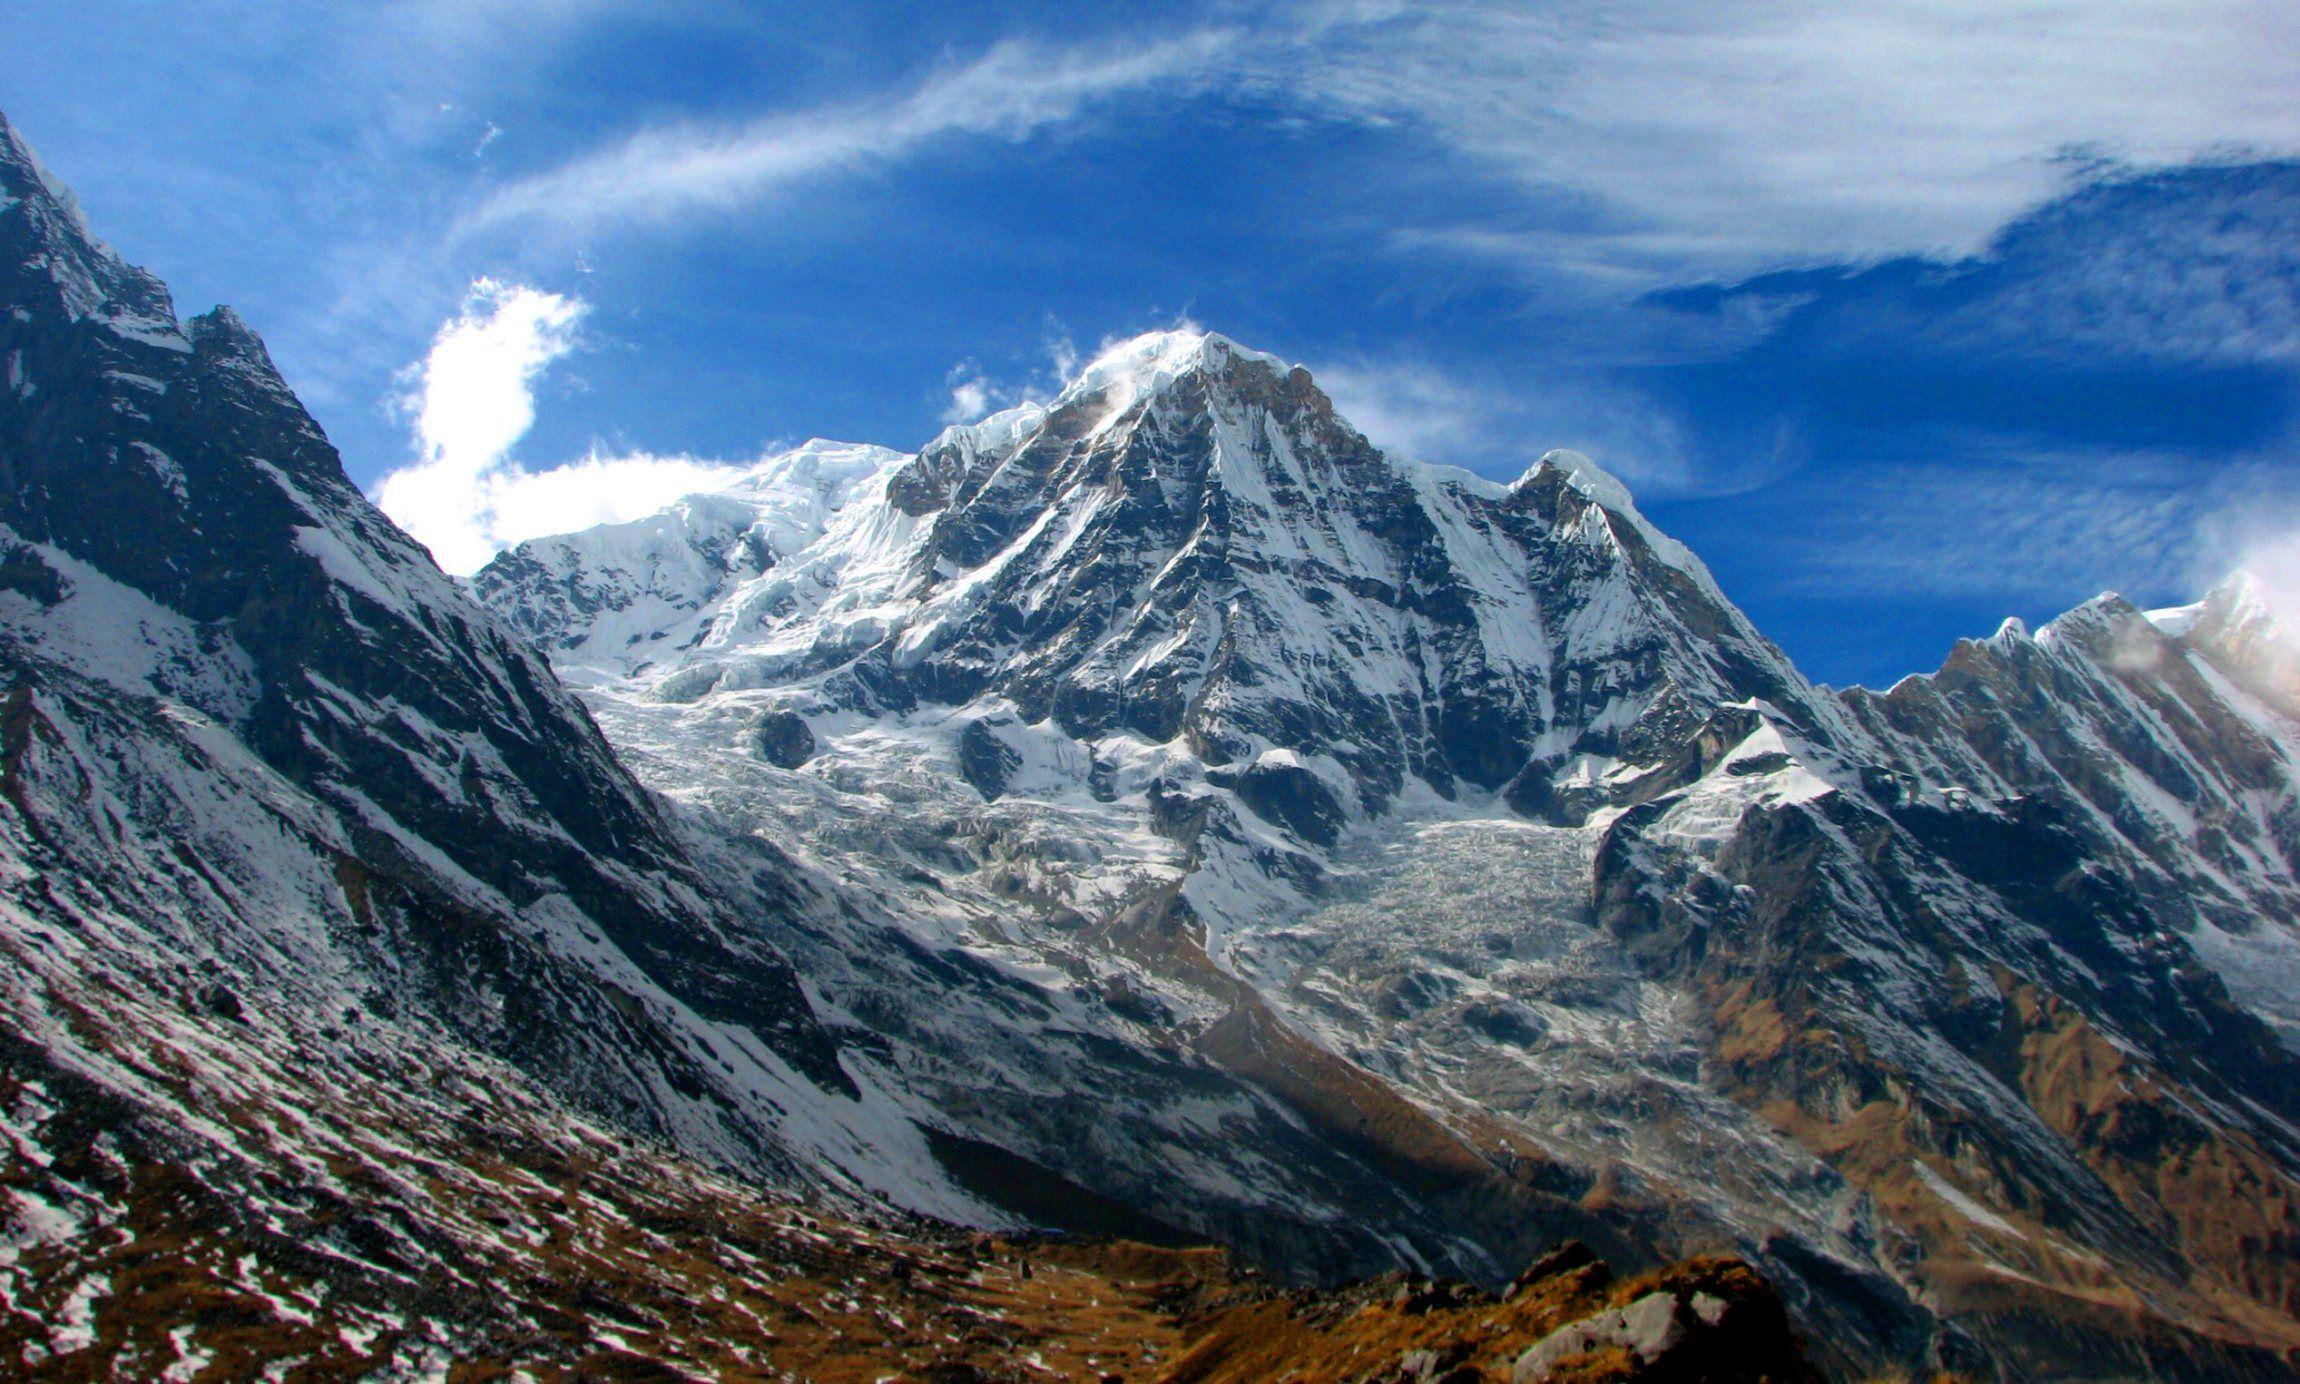 mountain Himalayas Wallpapers 4K